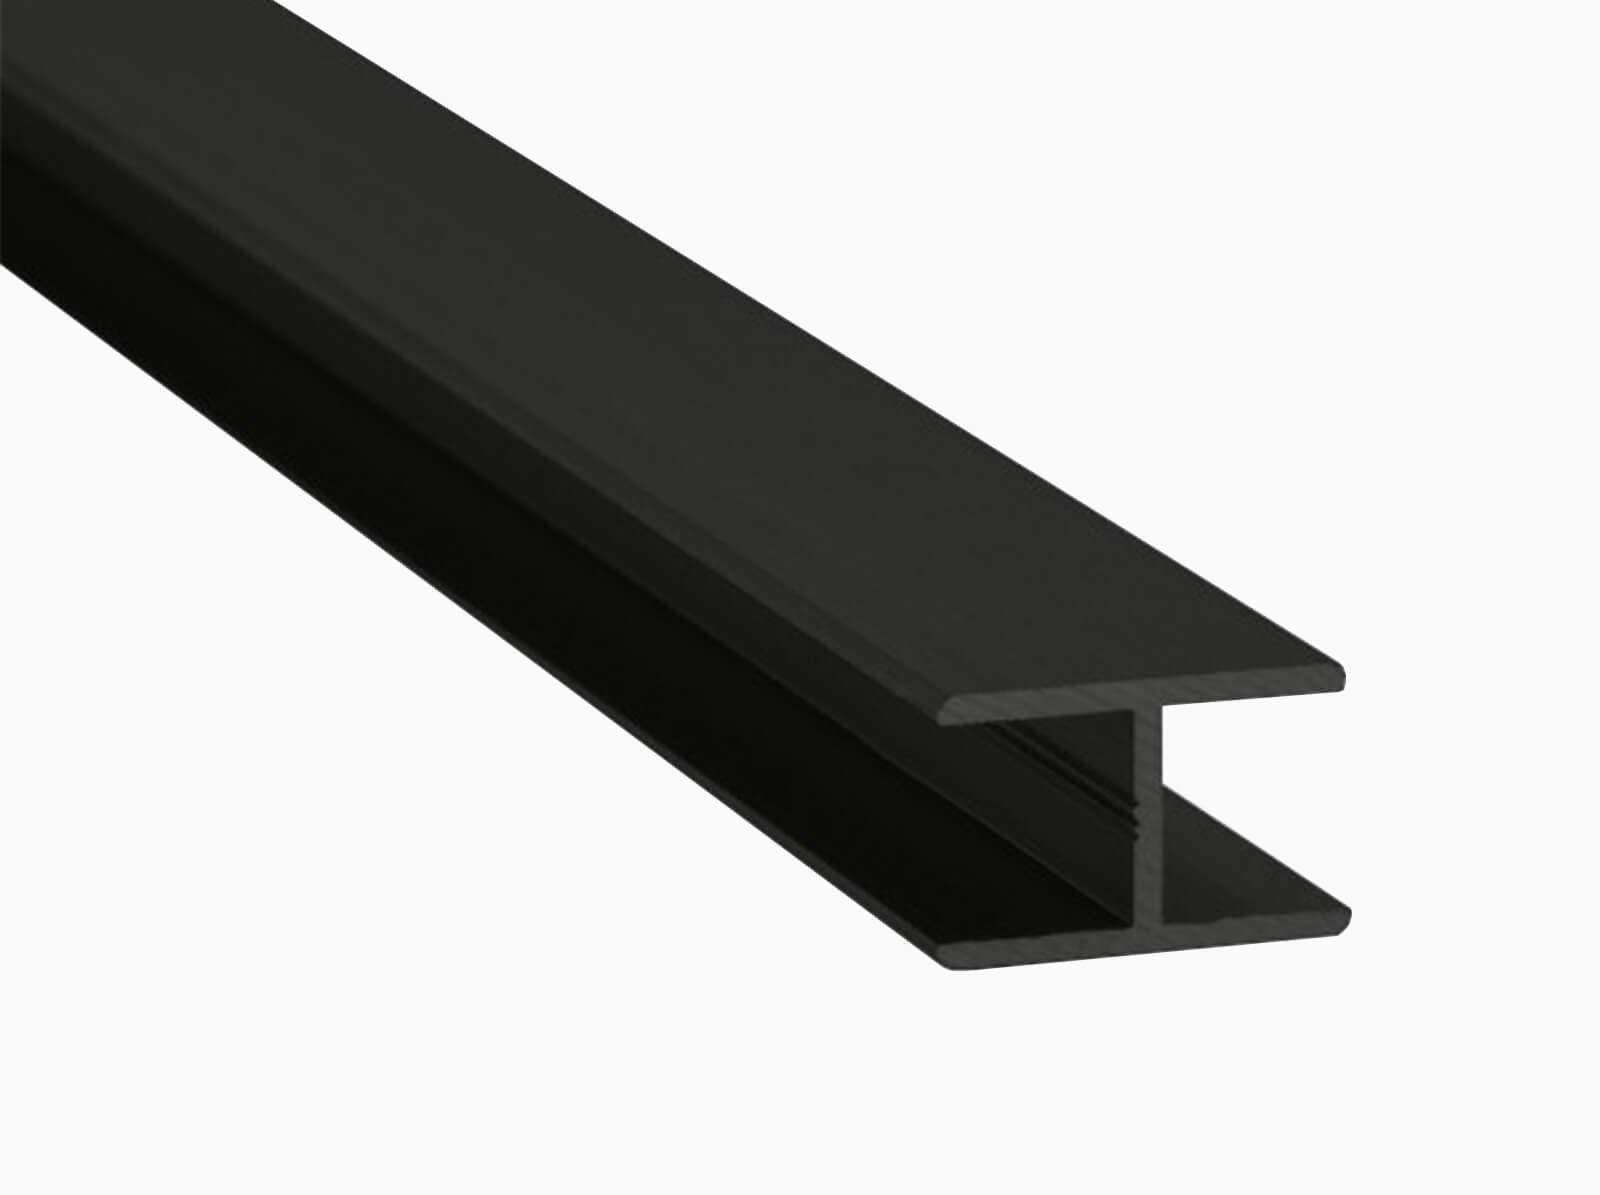 H-Profil für Glaszäune Schutz vor Delemanierung und Stoss schwarz